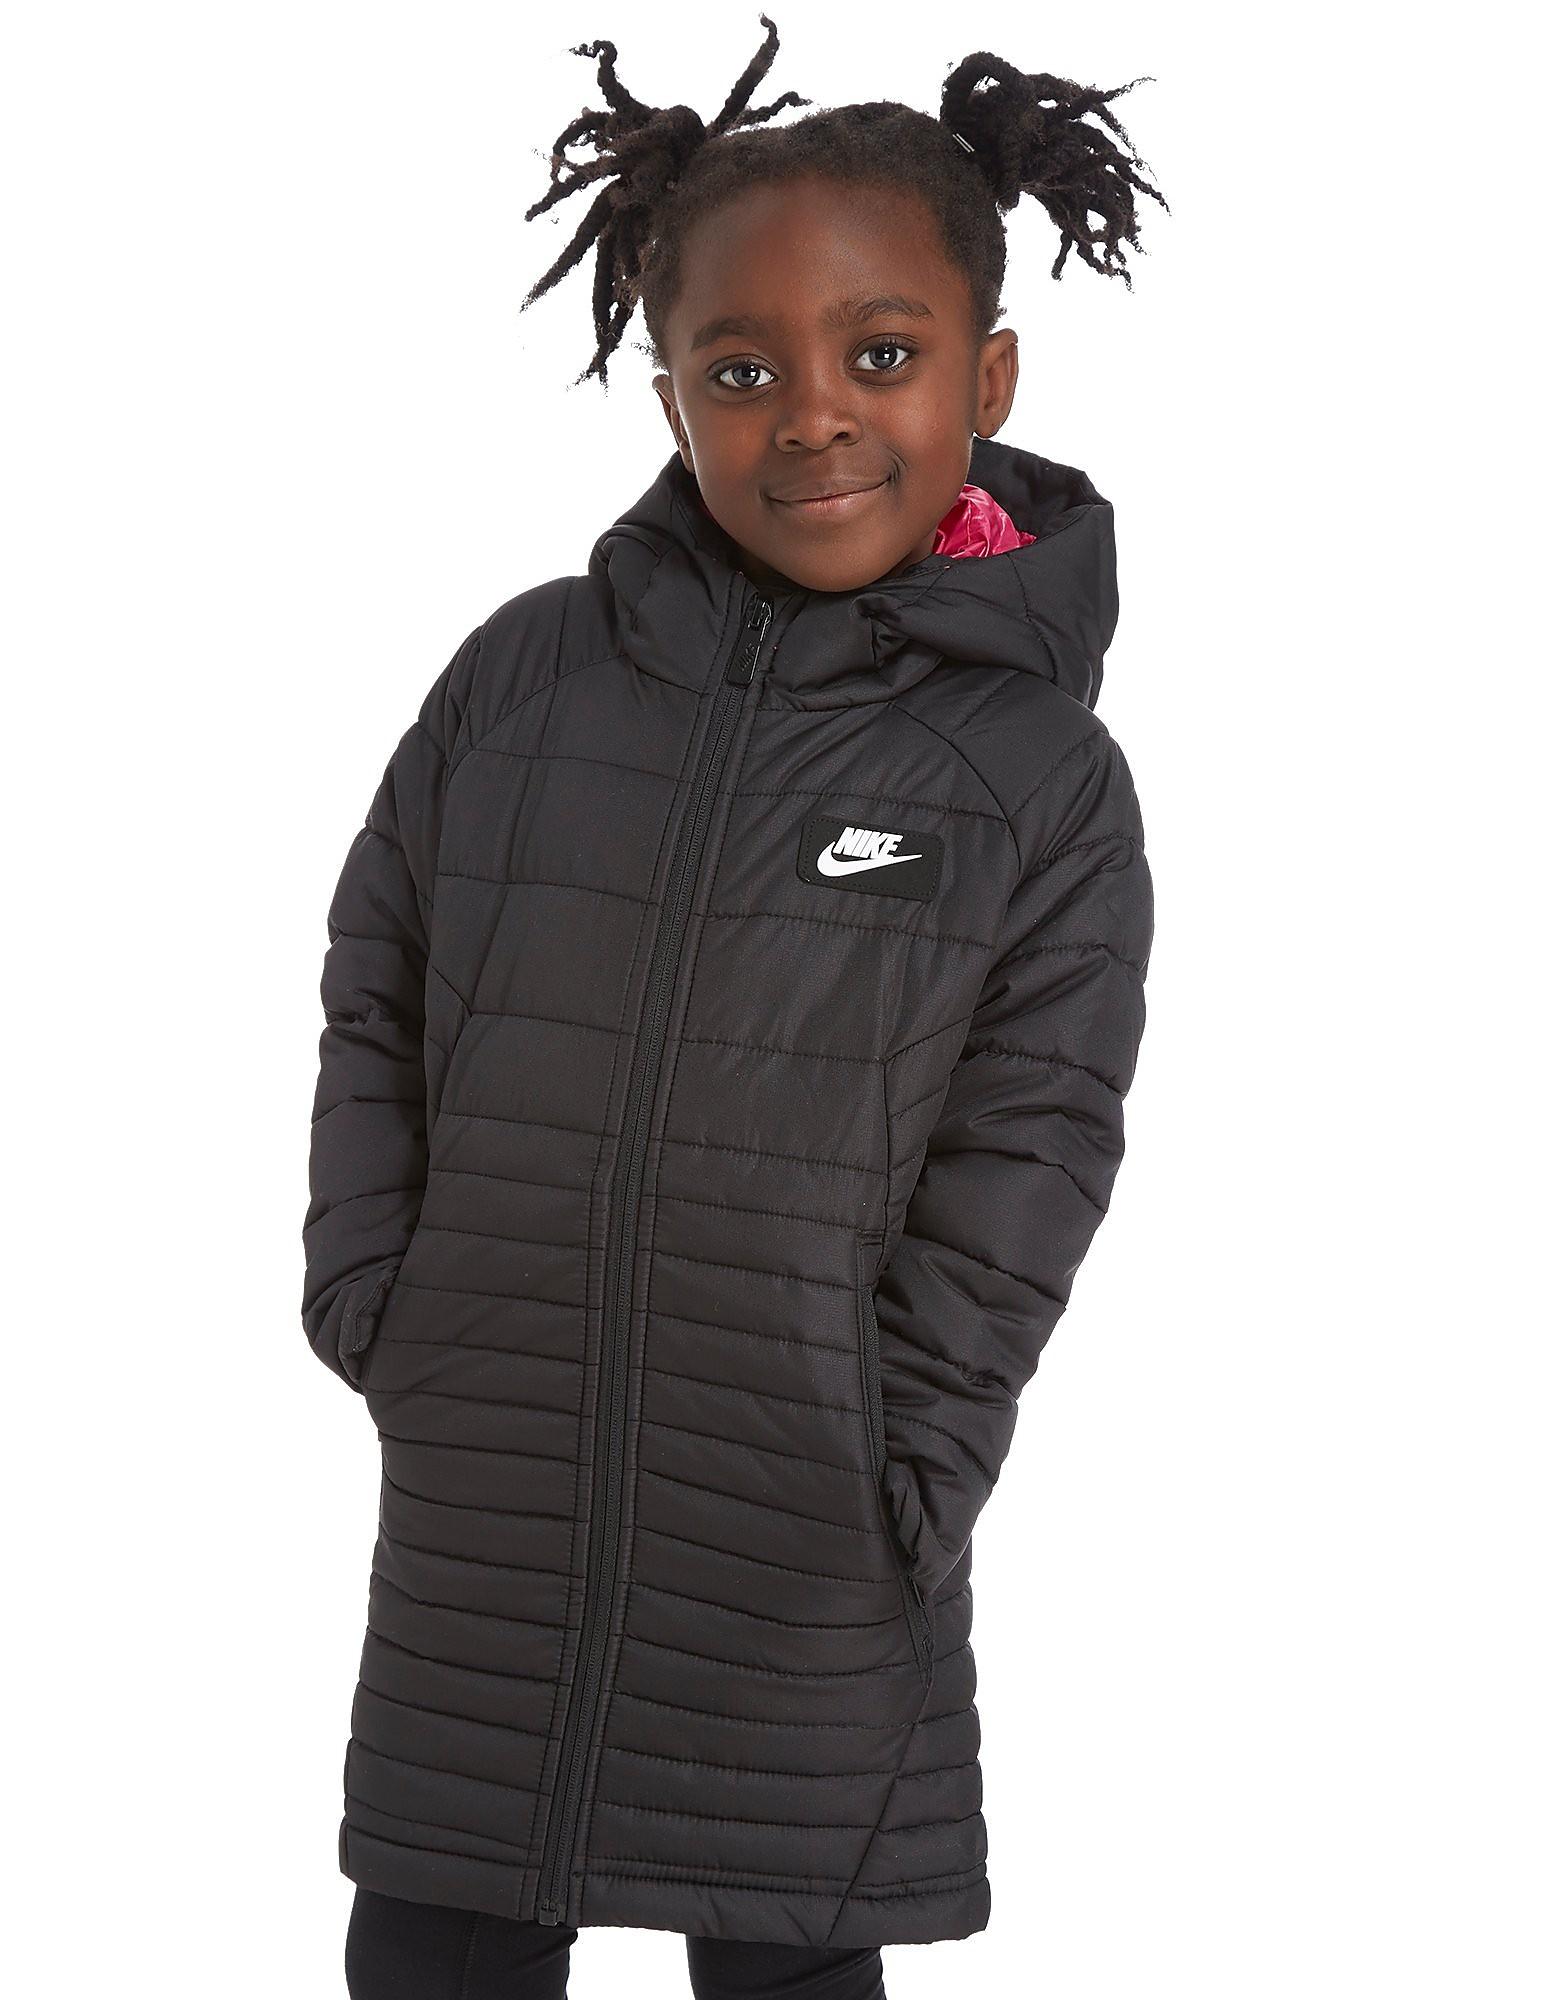 Nike Girls' Guild Long Padded Jacket Children